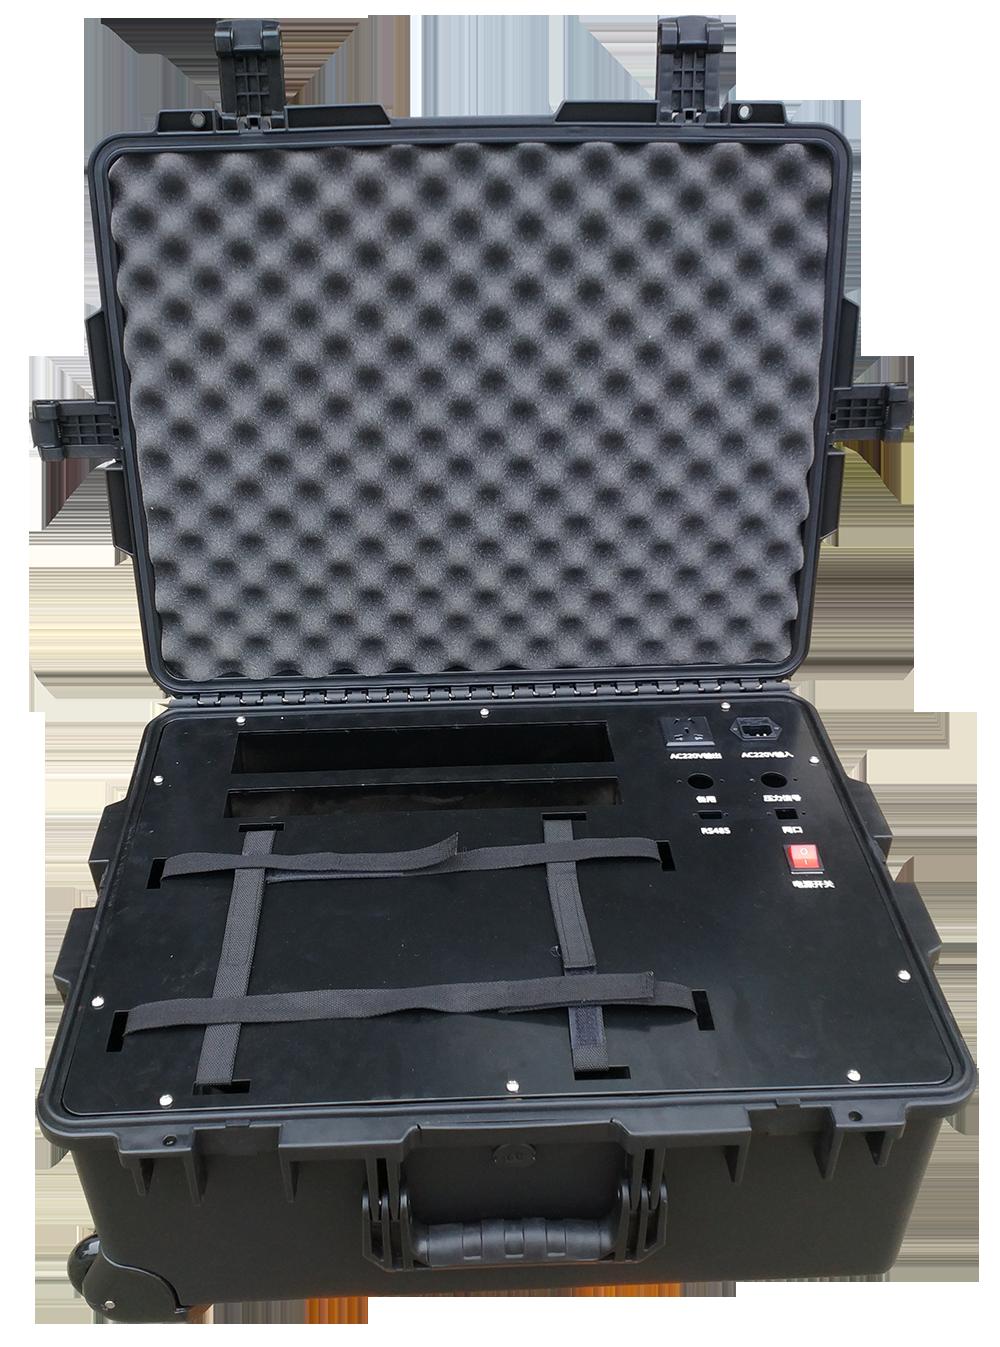 三军行M2720安全箱便携试压工作站防护箱 携行箱